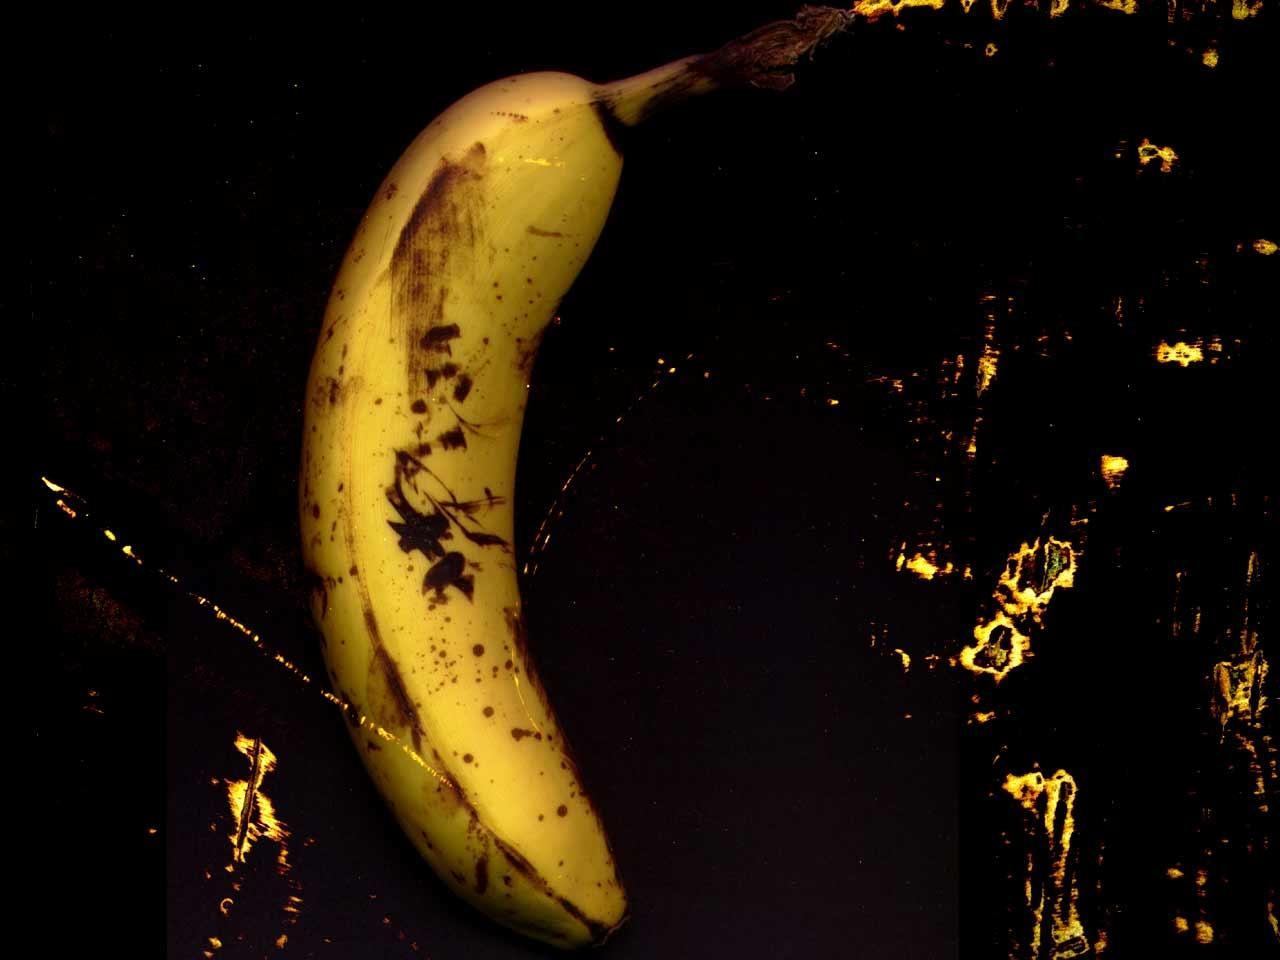 Banana wallpapers HD quality